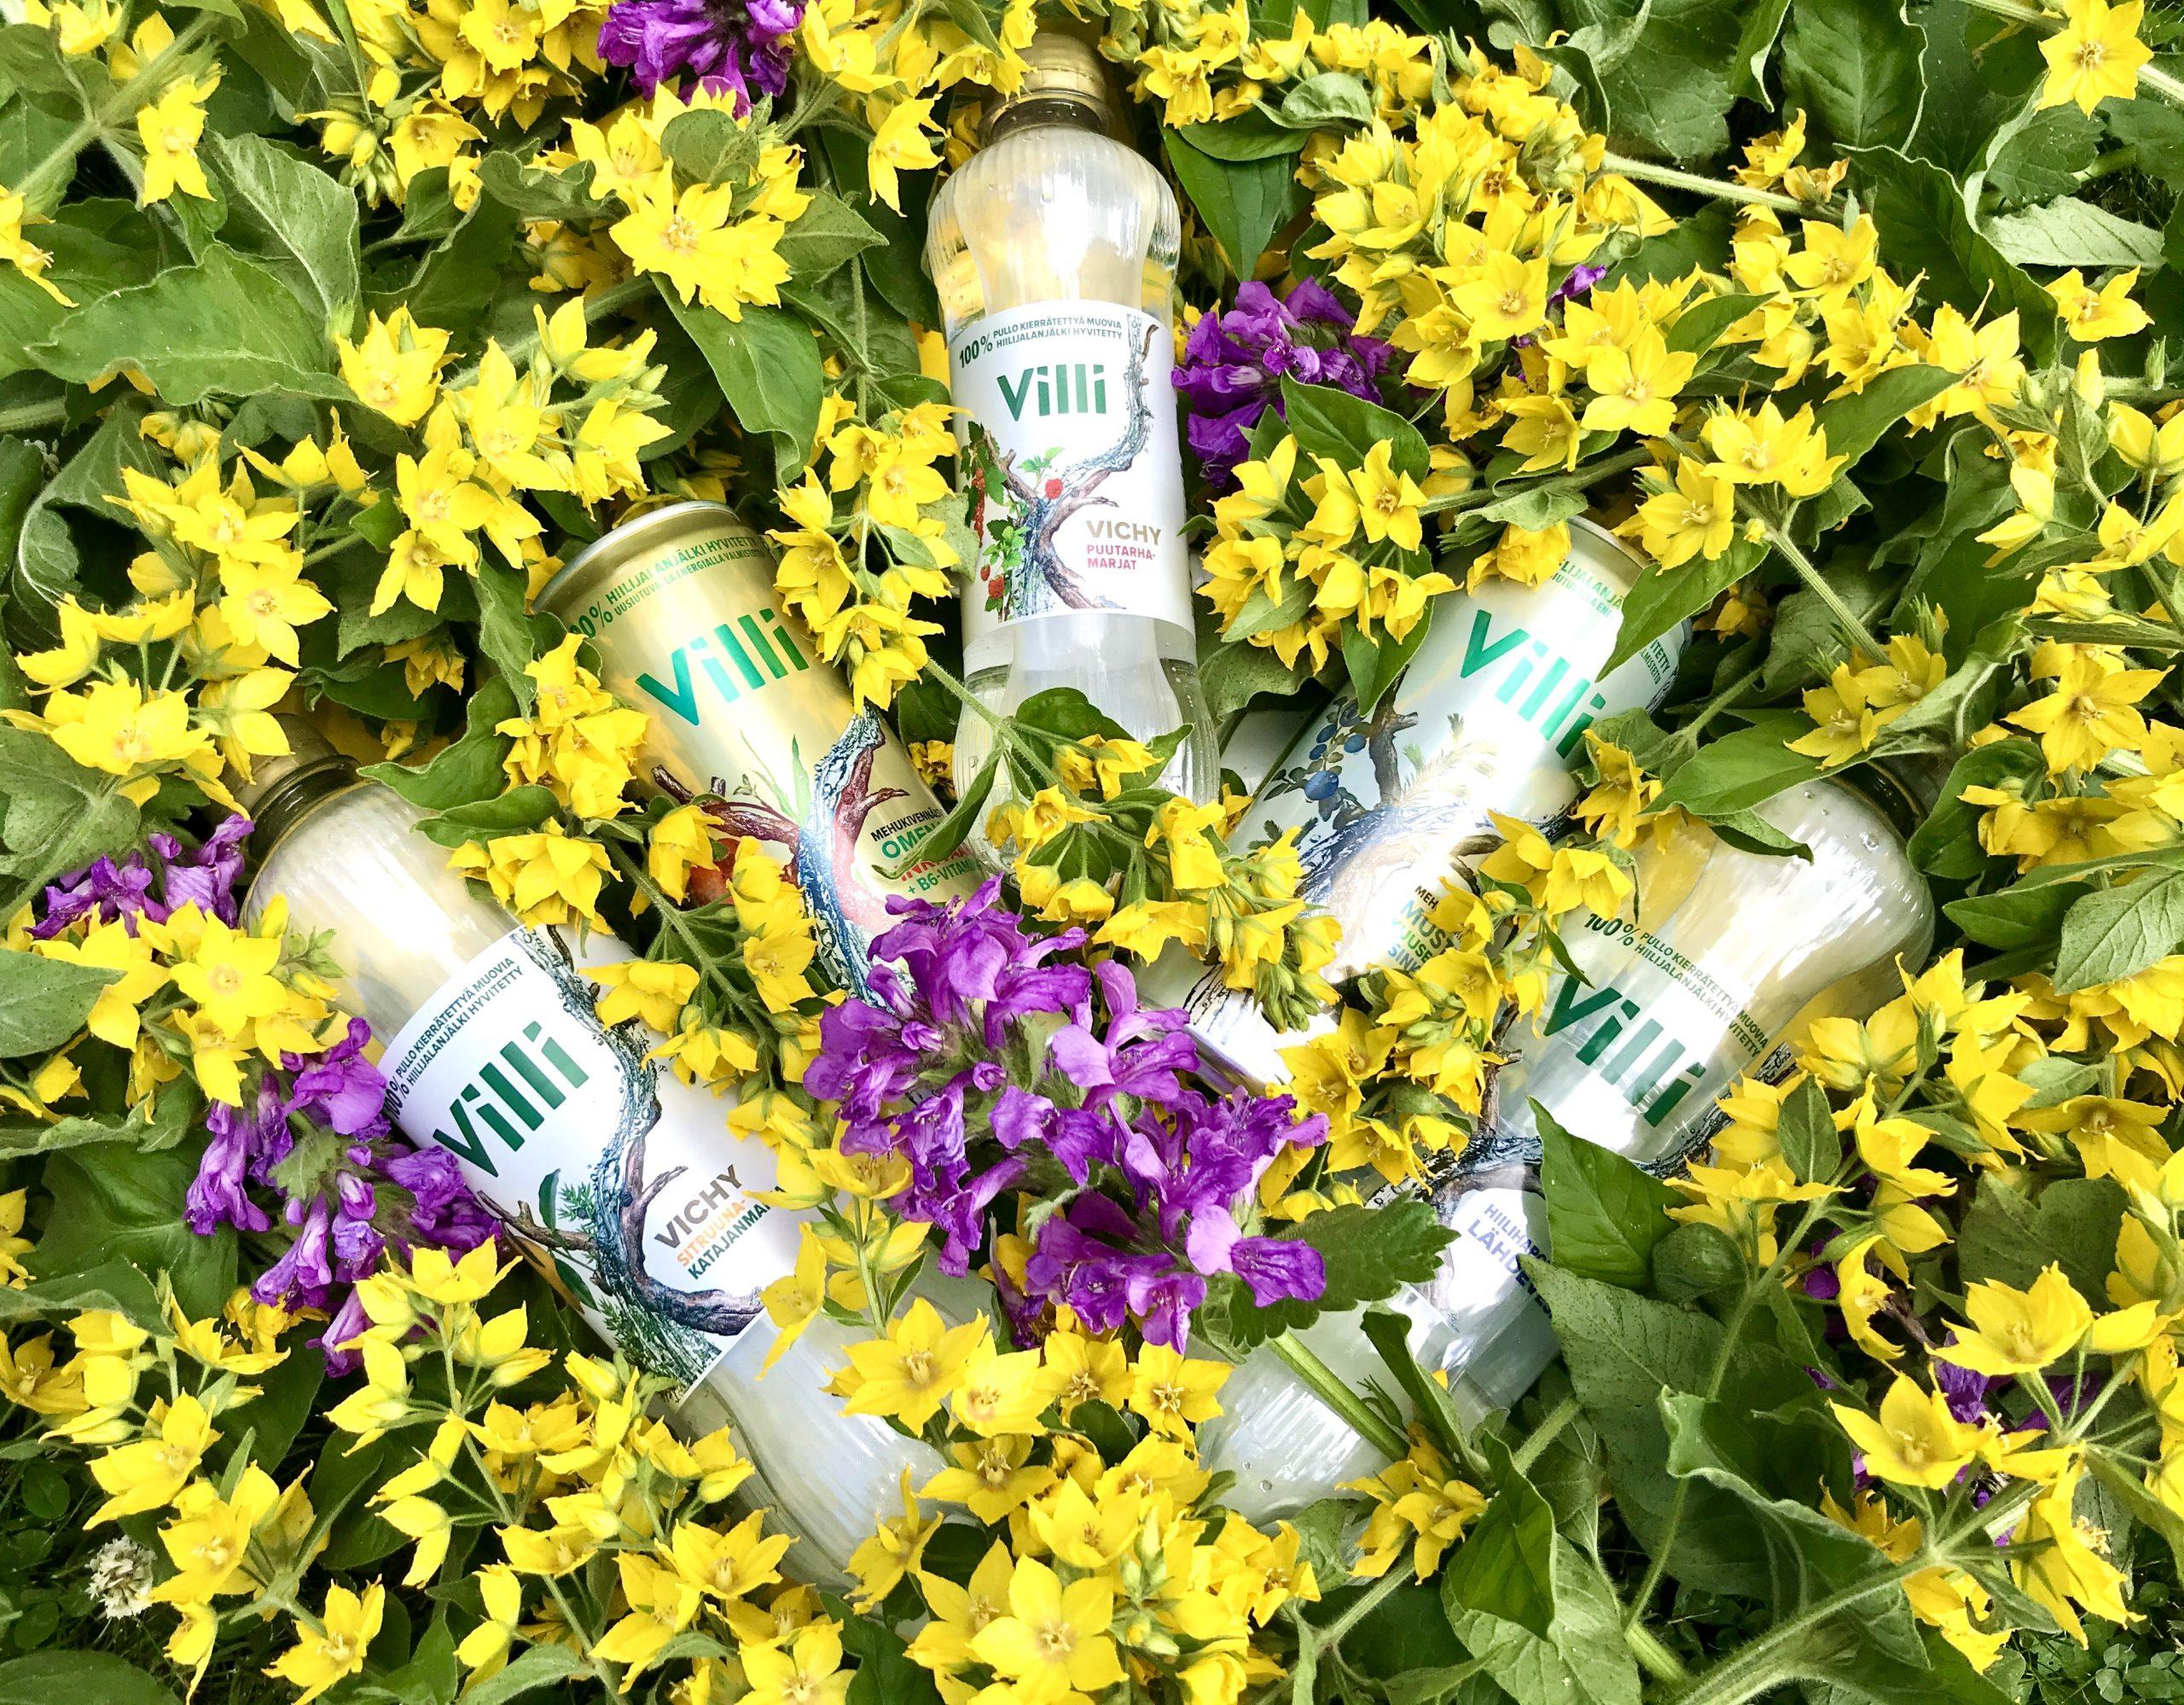 Elluyellow testaa ekologisia ja kotimaisia Villivesiä, värikäs kesäinen kukkakuva